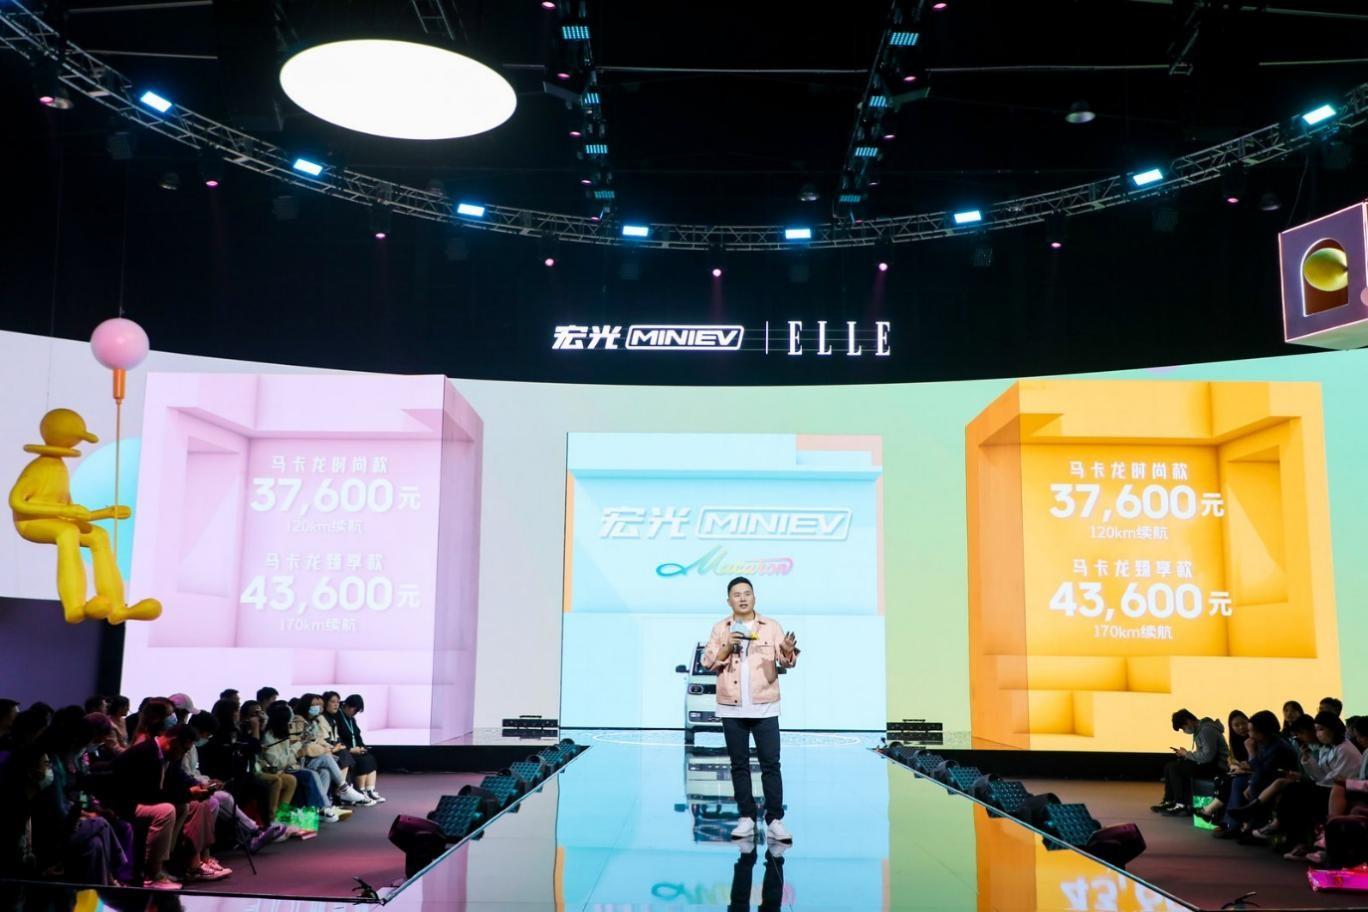 """3月销量破18万,同比增长44.1% 上汽通用五菱""""双循环""""驱动创新发展"""